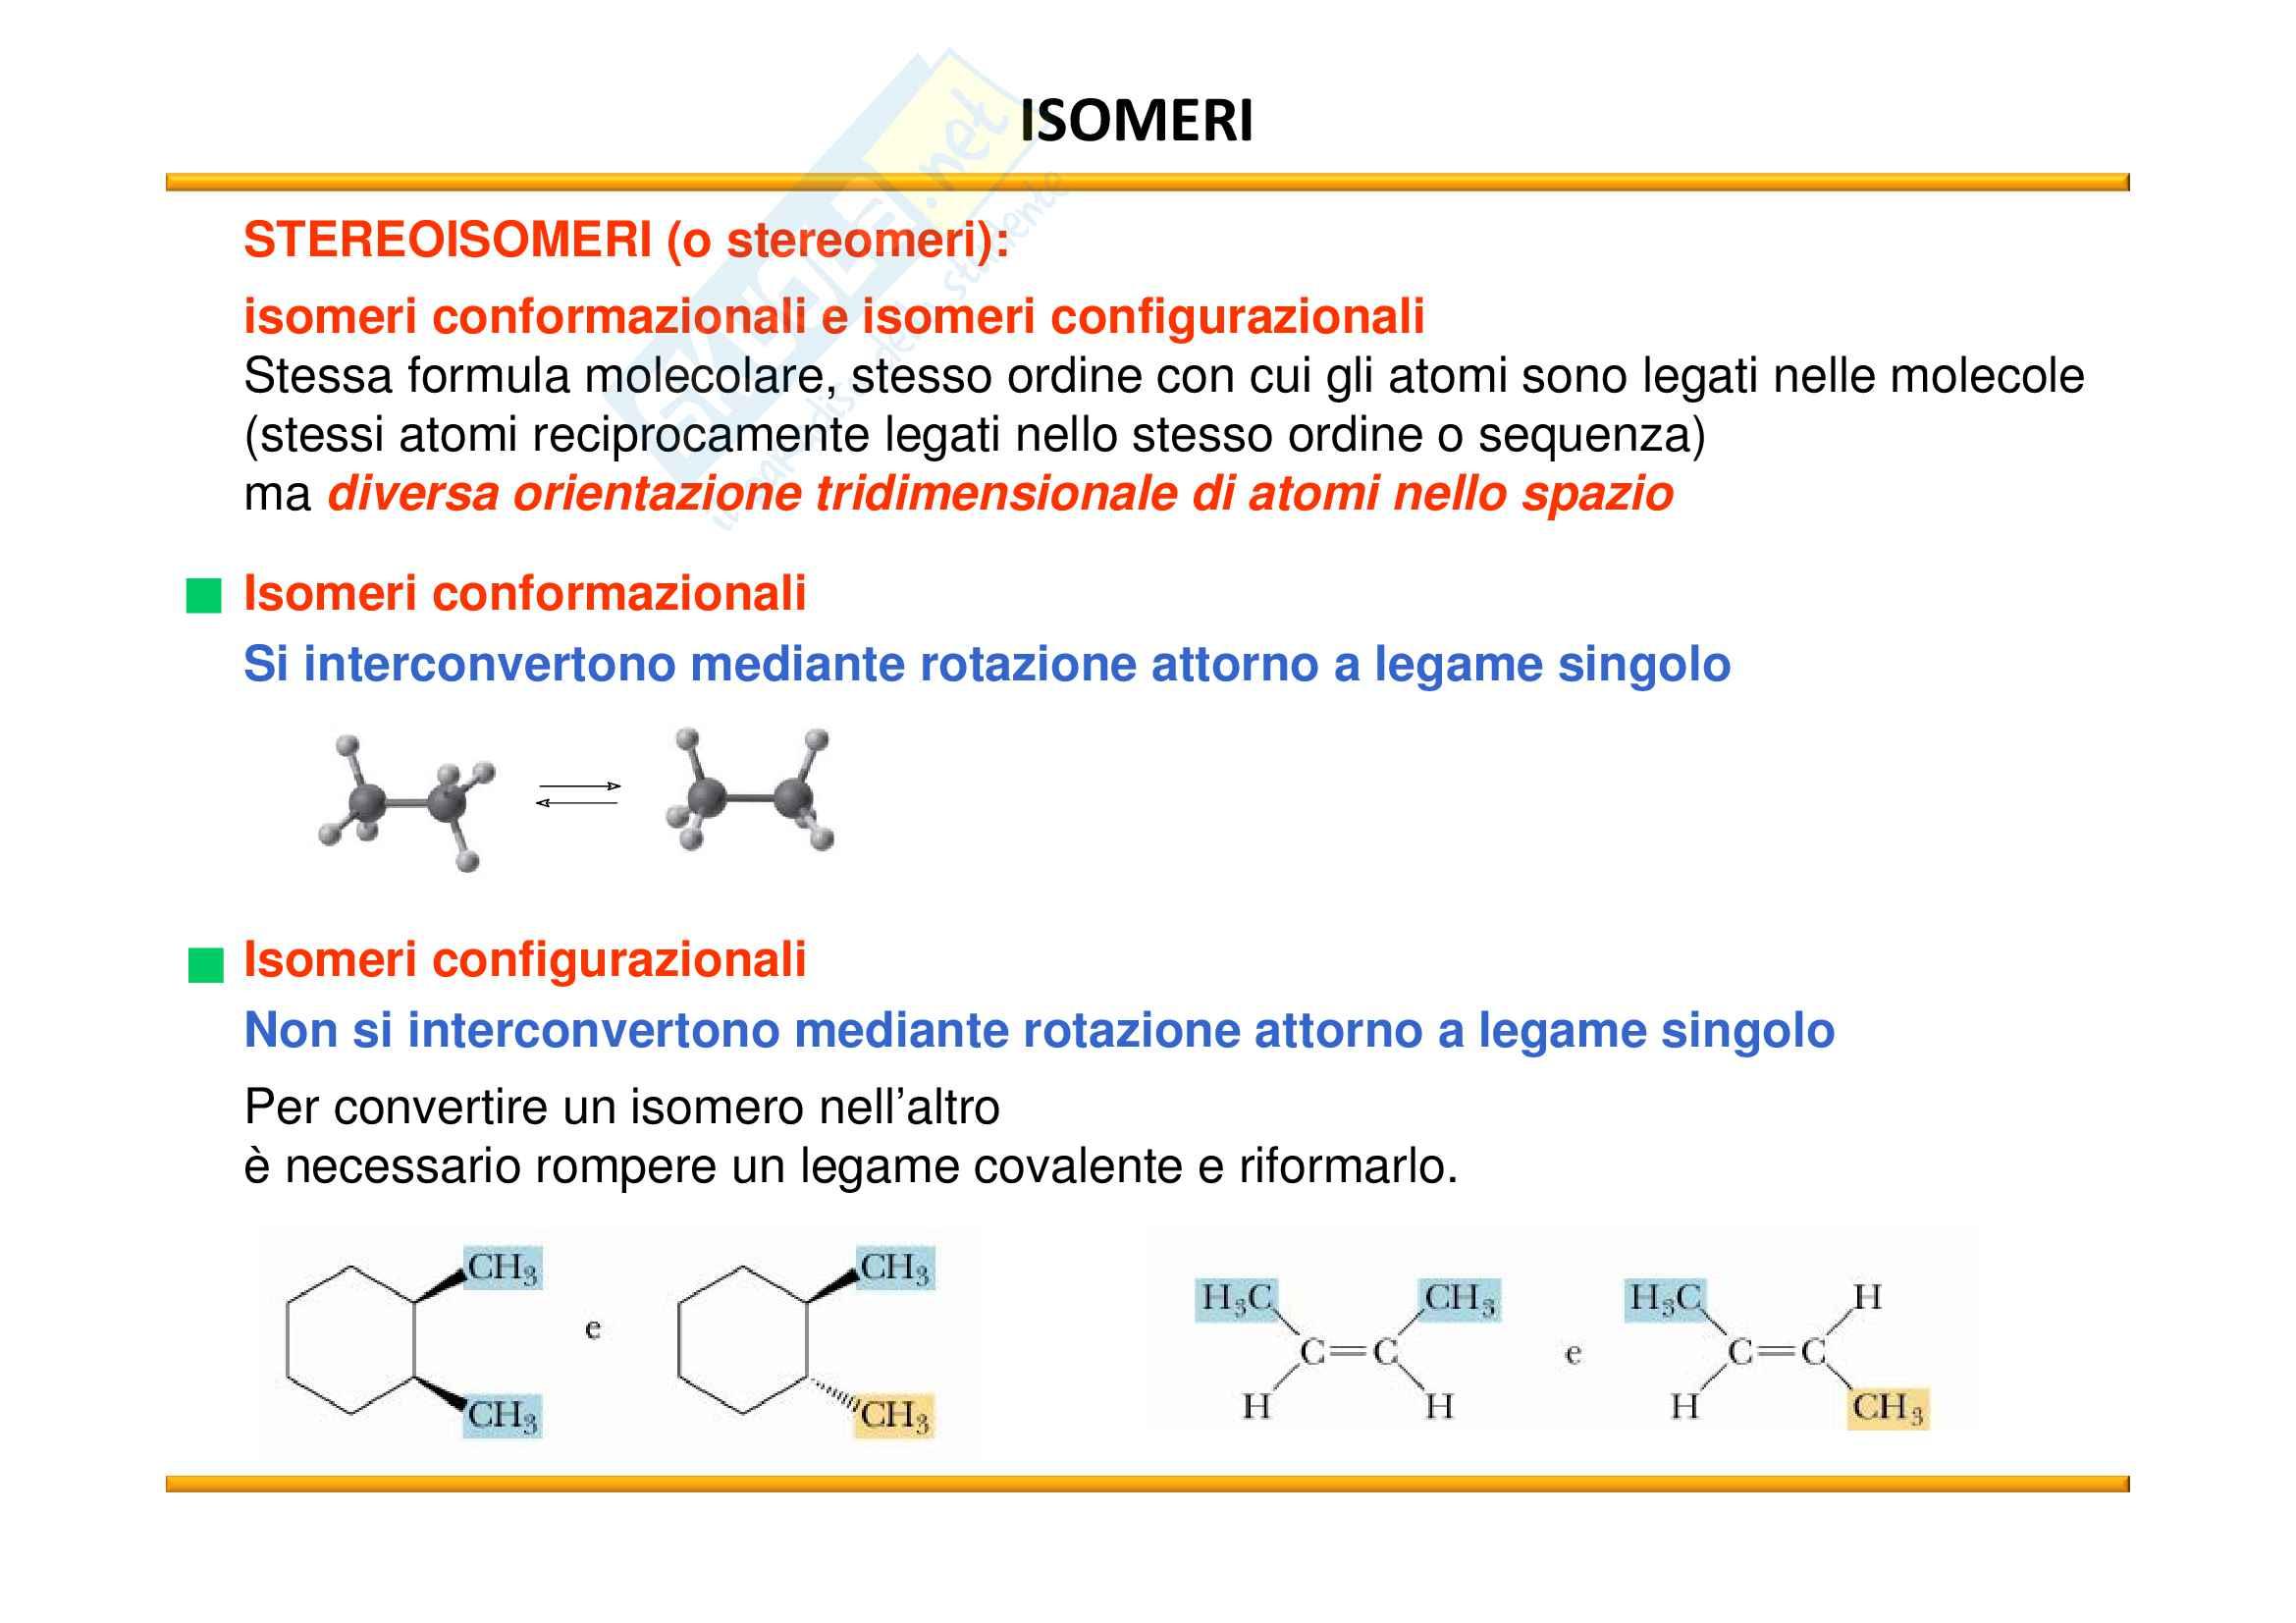 Chimica Organica: Chiralità